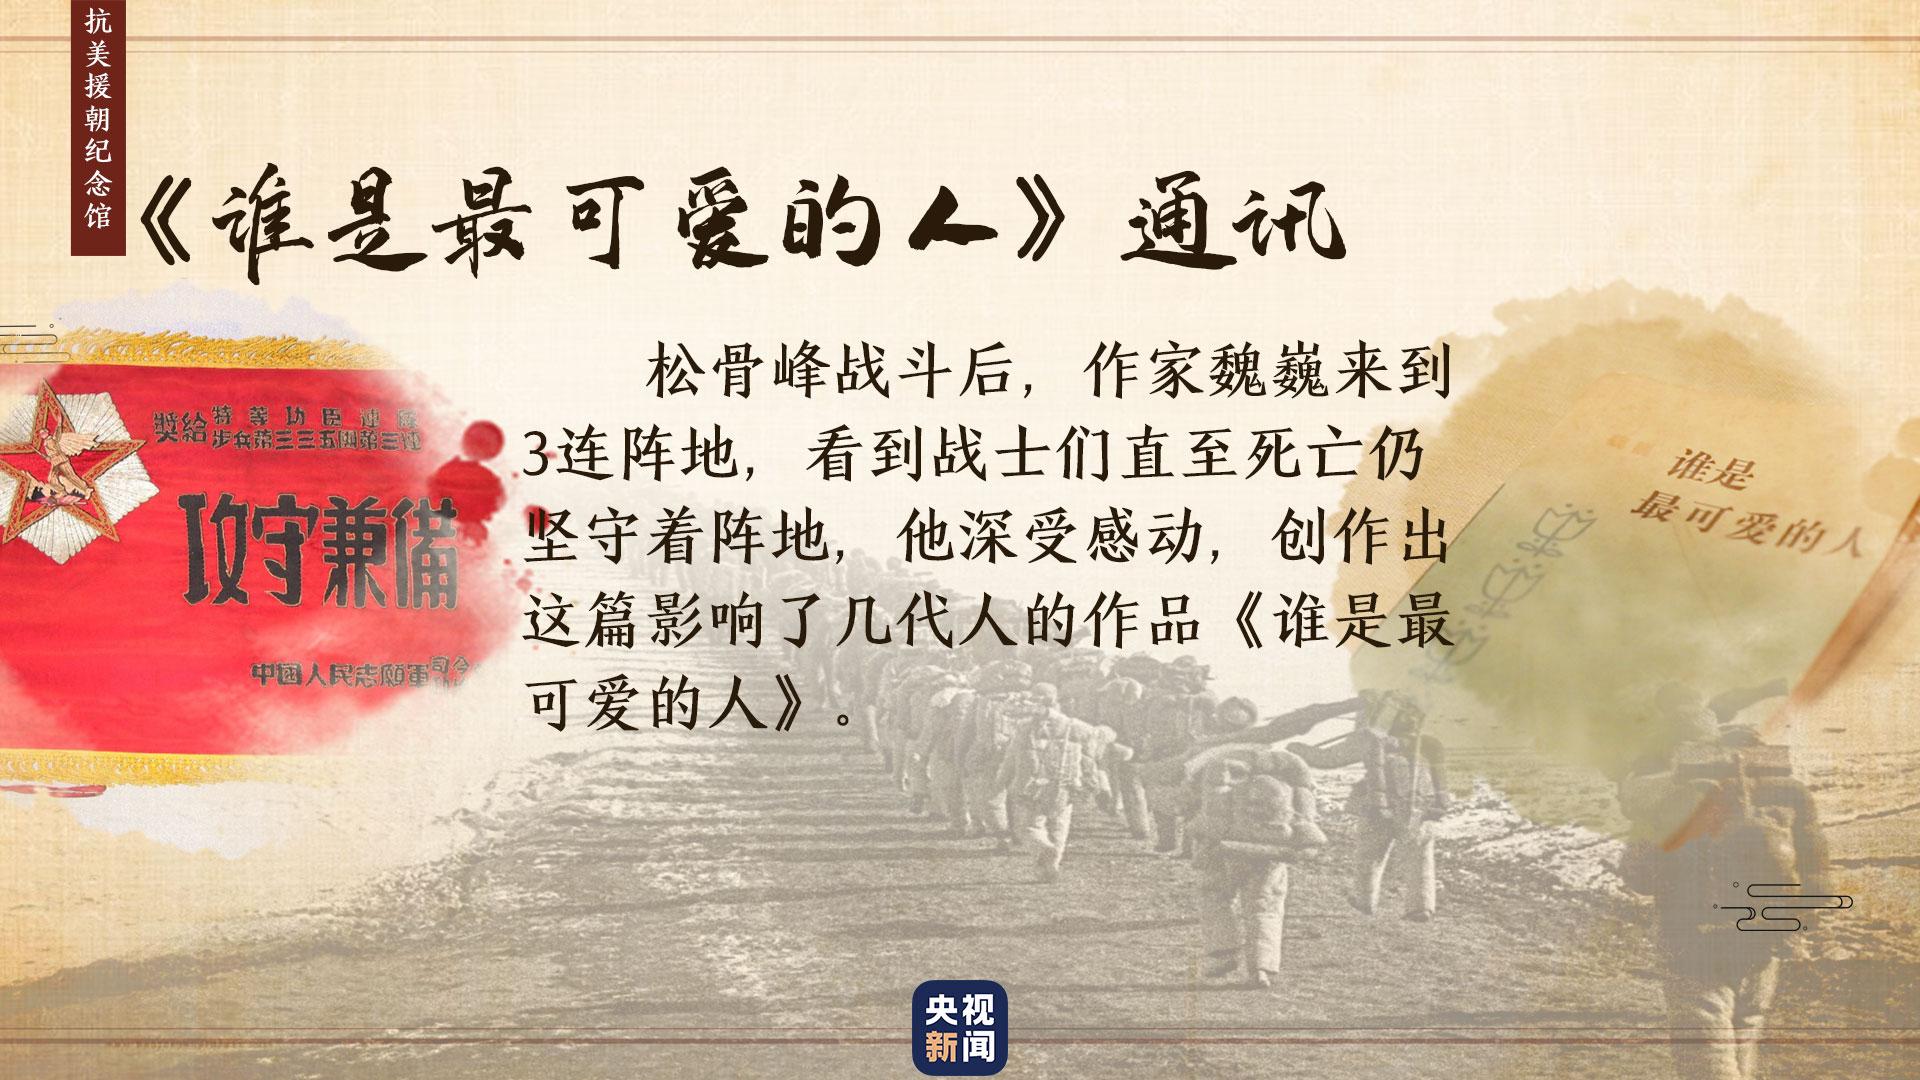 鑒往知來丨紀念館中的抗美援朝歷史-圖3